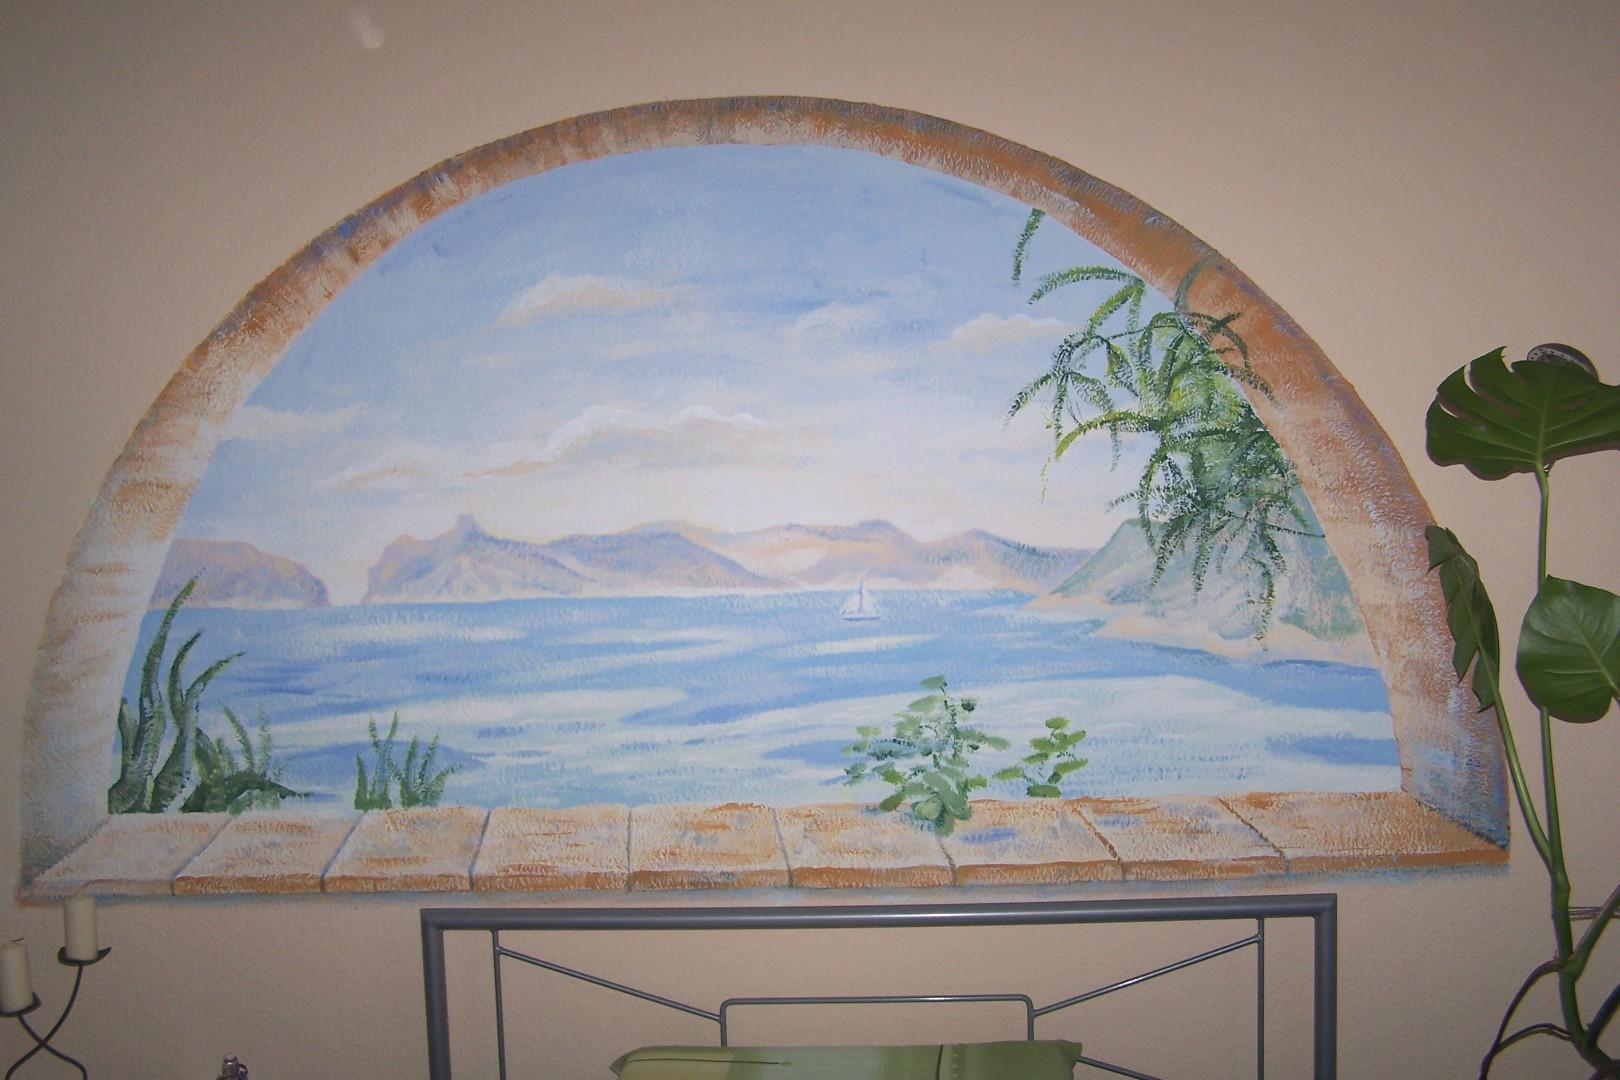 illussionsmalerei an der wand landschaften meine bildergalerie. Black Bedroom Furniture Sets. Home Design Ideas